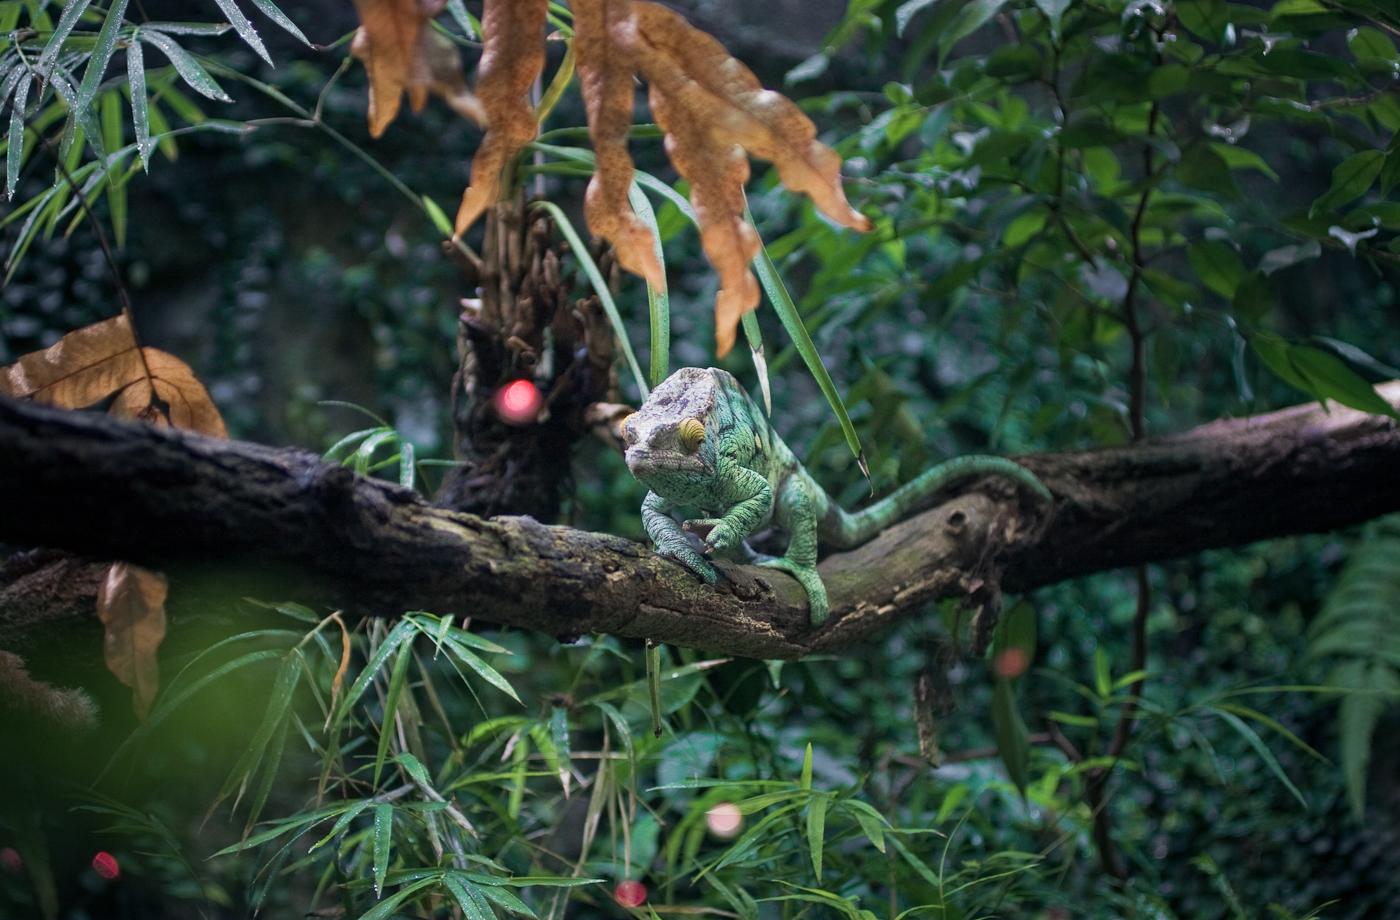 Chameleon, Pondering